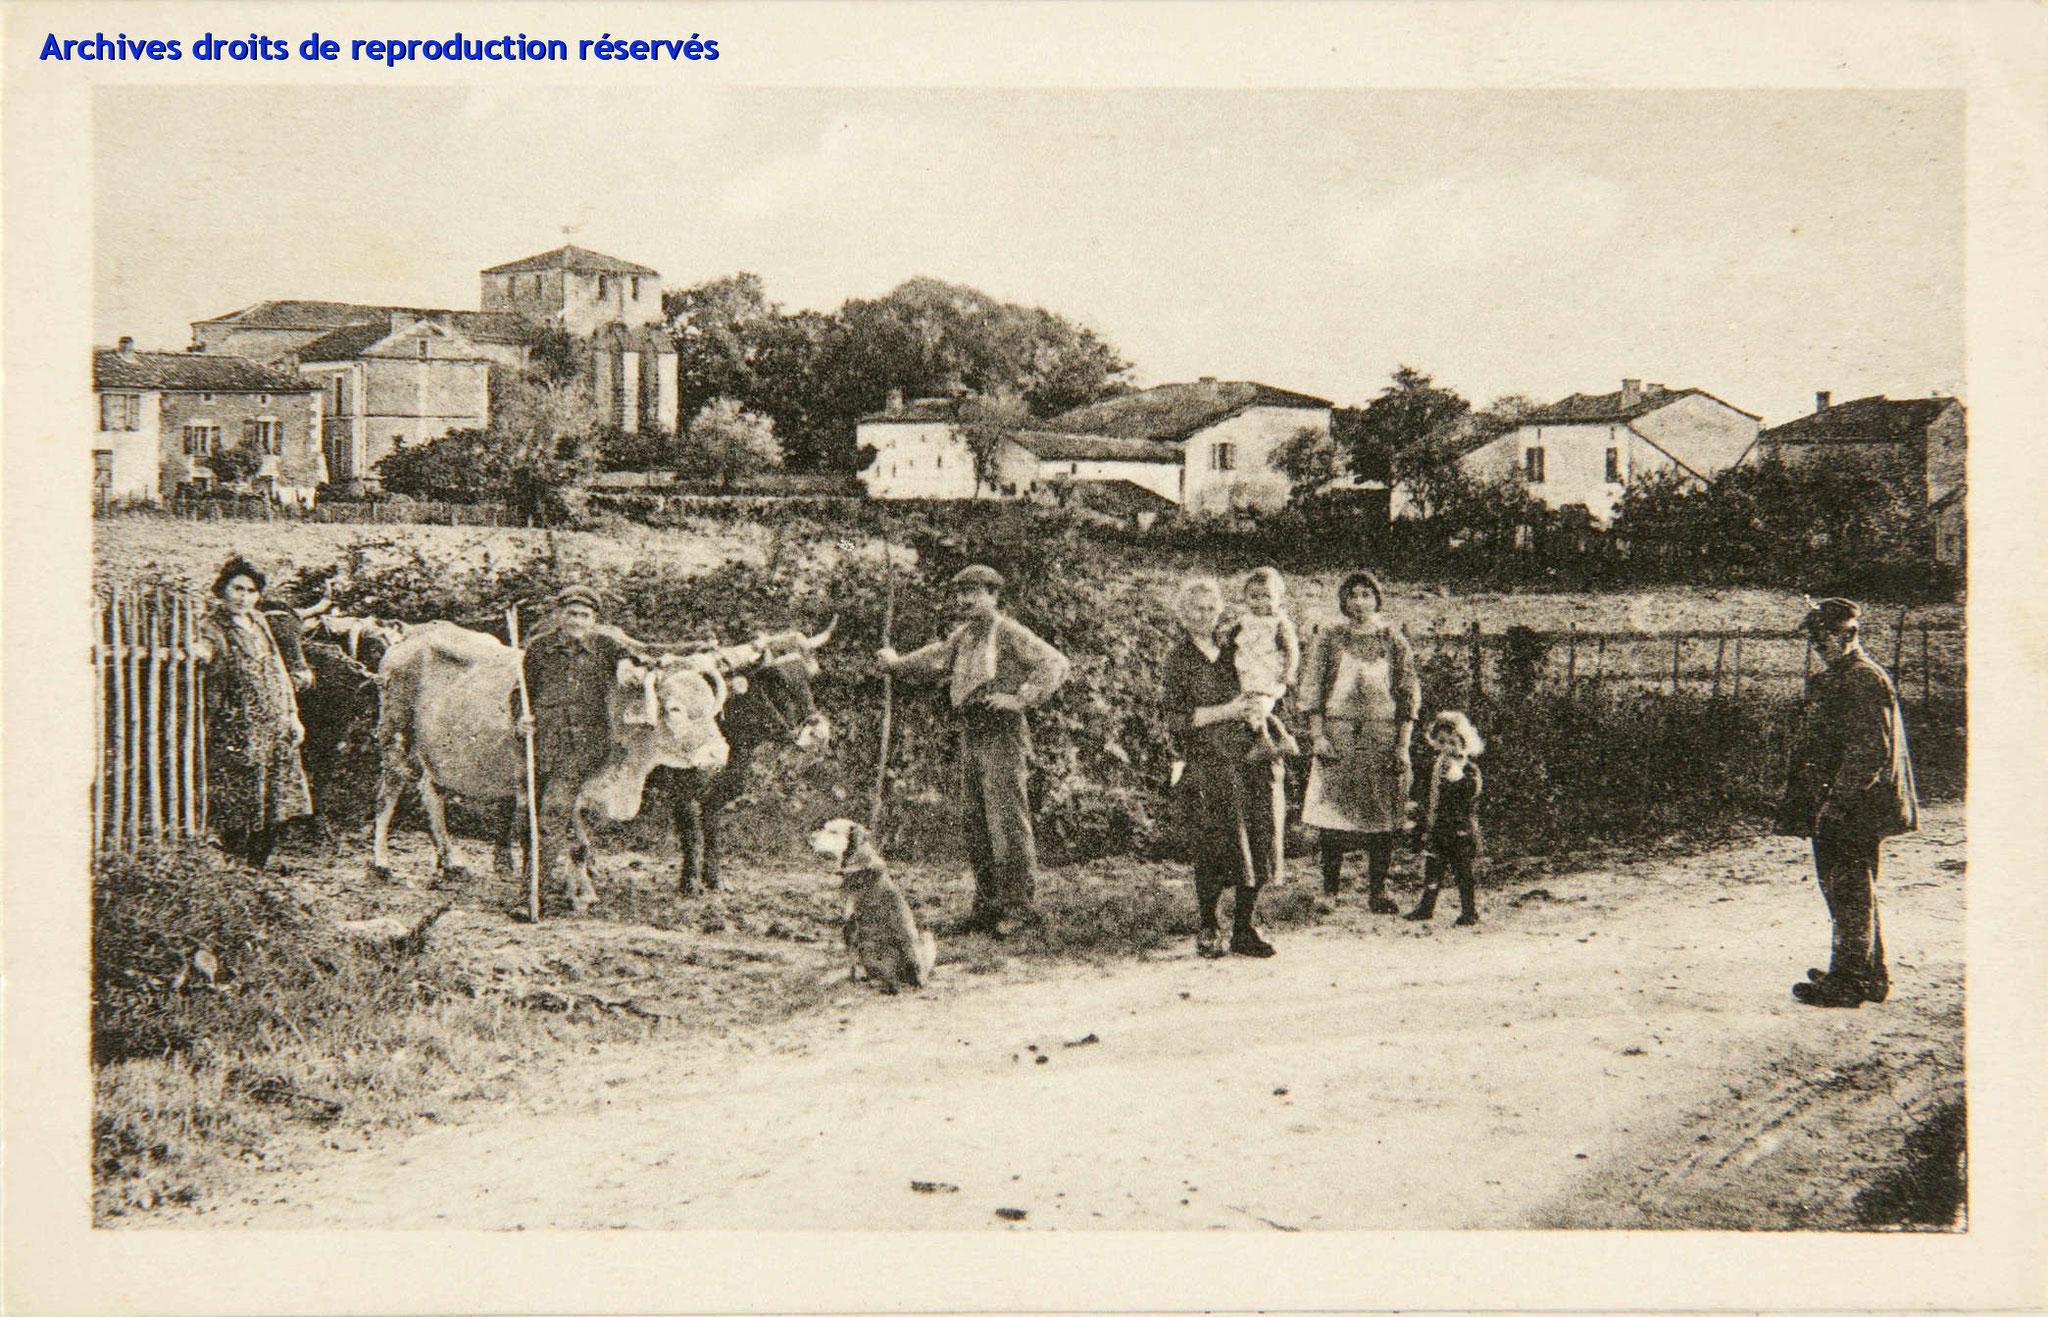 Carte postale 4029 - A.G.A - La Charente pittoresque - FOUQUEBRUNE Vue générale (Source : Archives départementales)